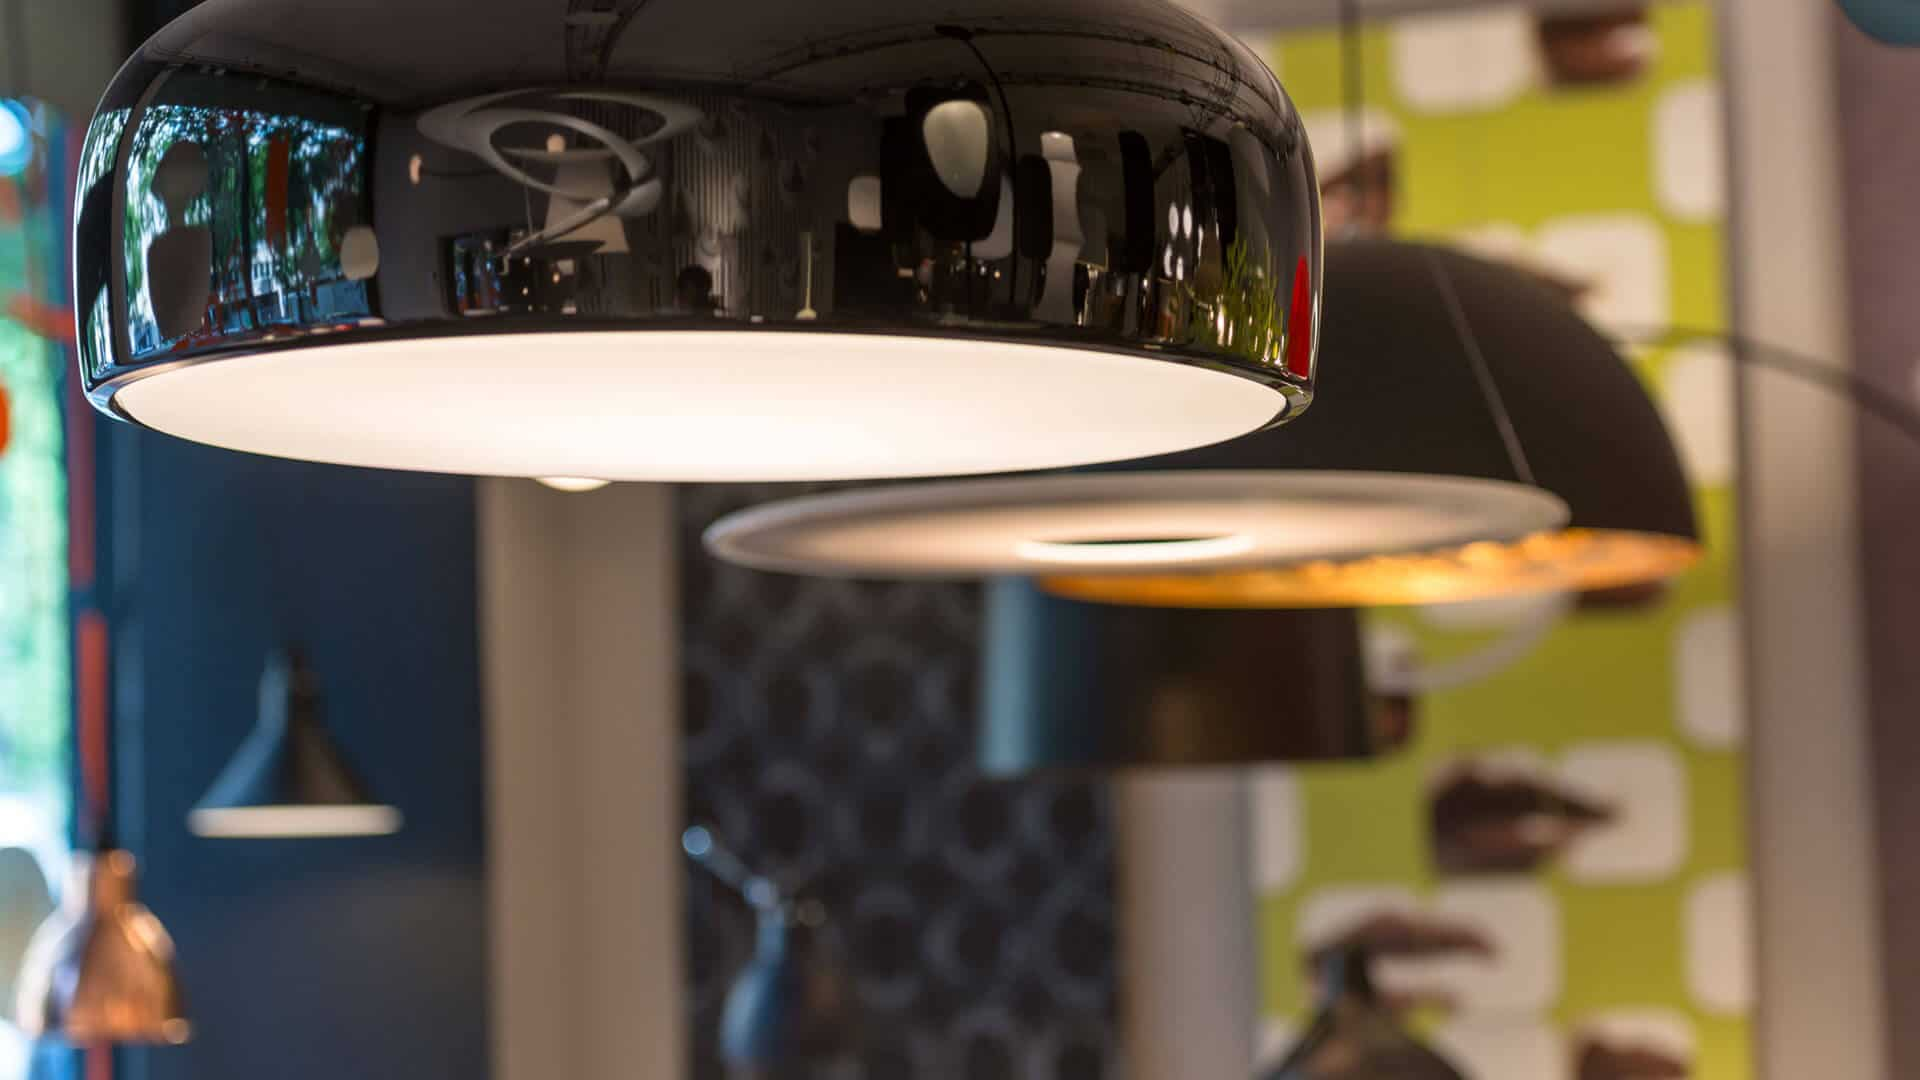 accueil et la lumi re boutique de luminaires design contemporains. Black Bedroom Furniture Sets. Home Design Ideas